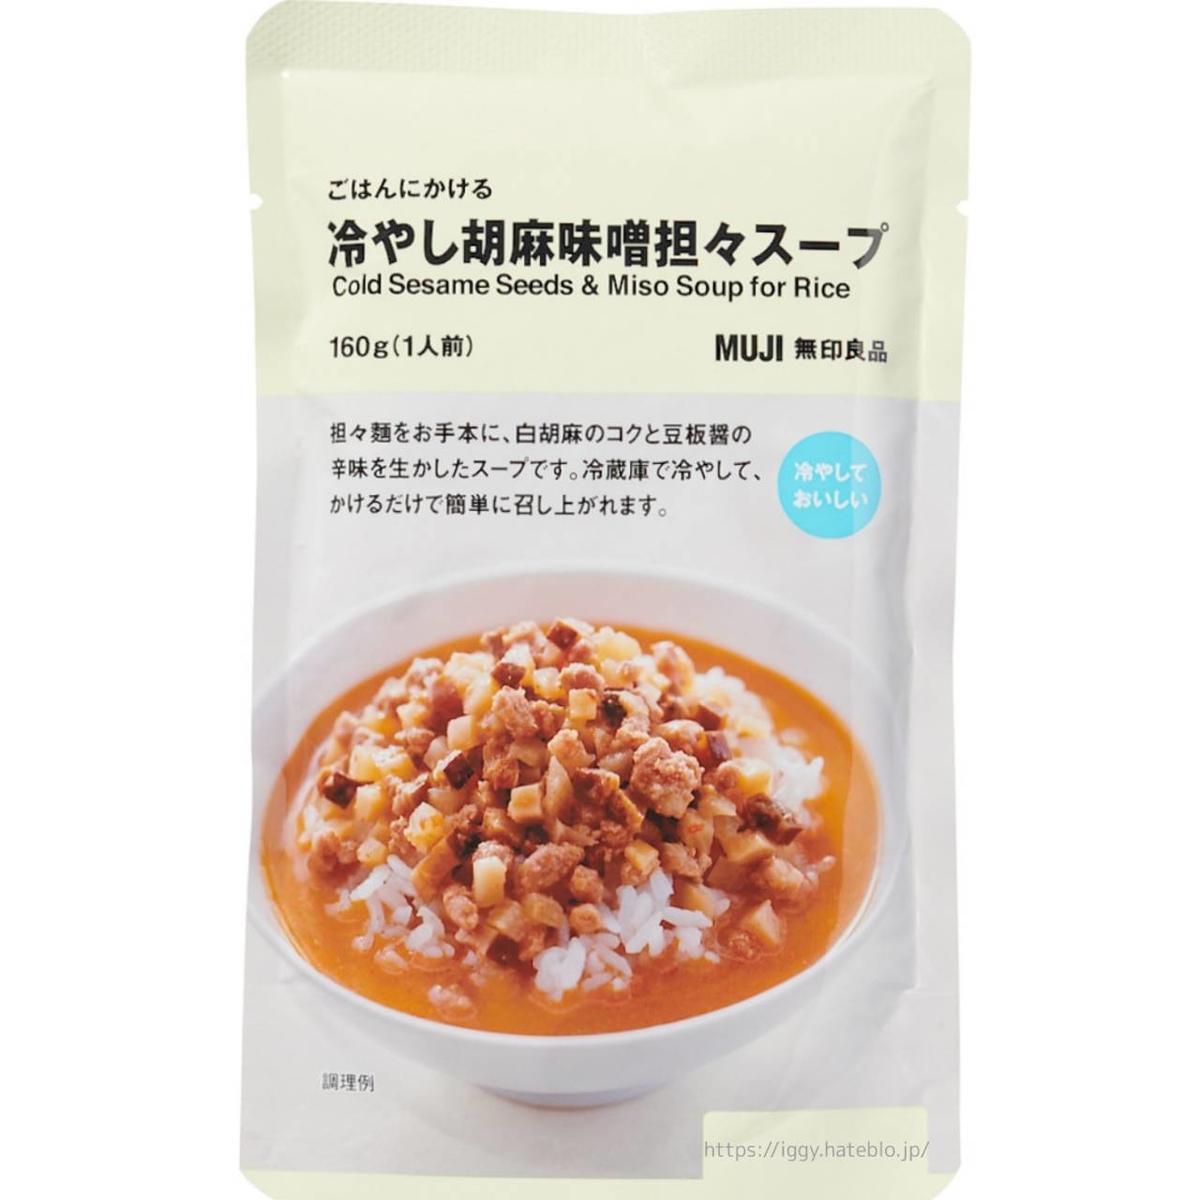 無印良品「冷やし胡麻味噌担々スープ」原材料・栄養成分 口コミ